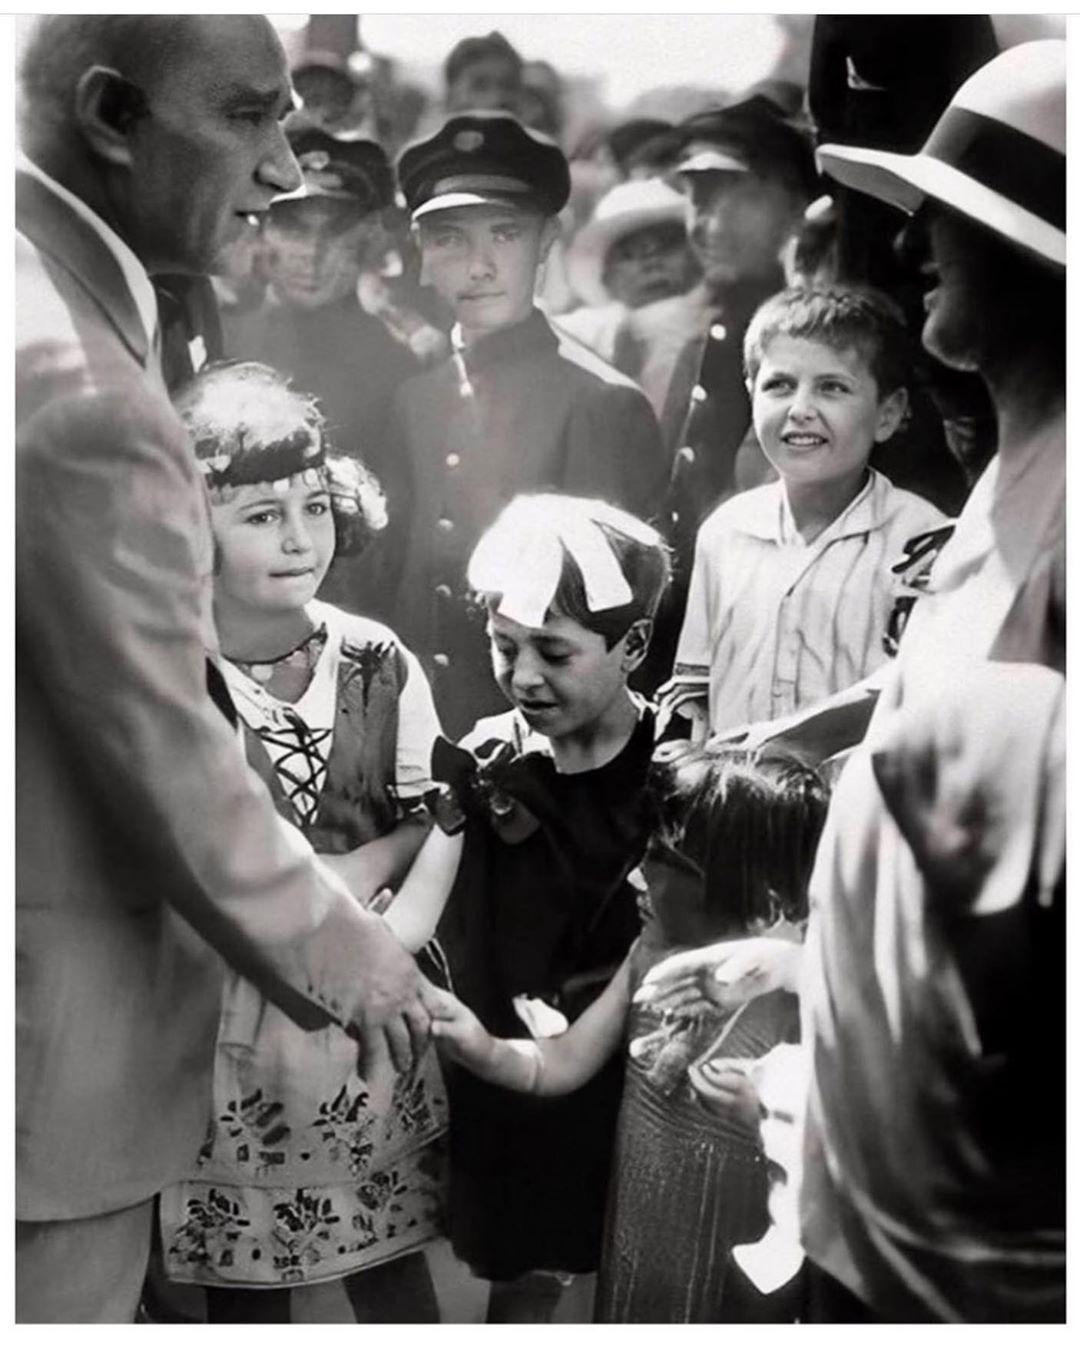 Барыш Ардуч в детстве (мальчик в центре)